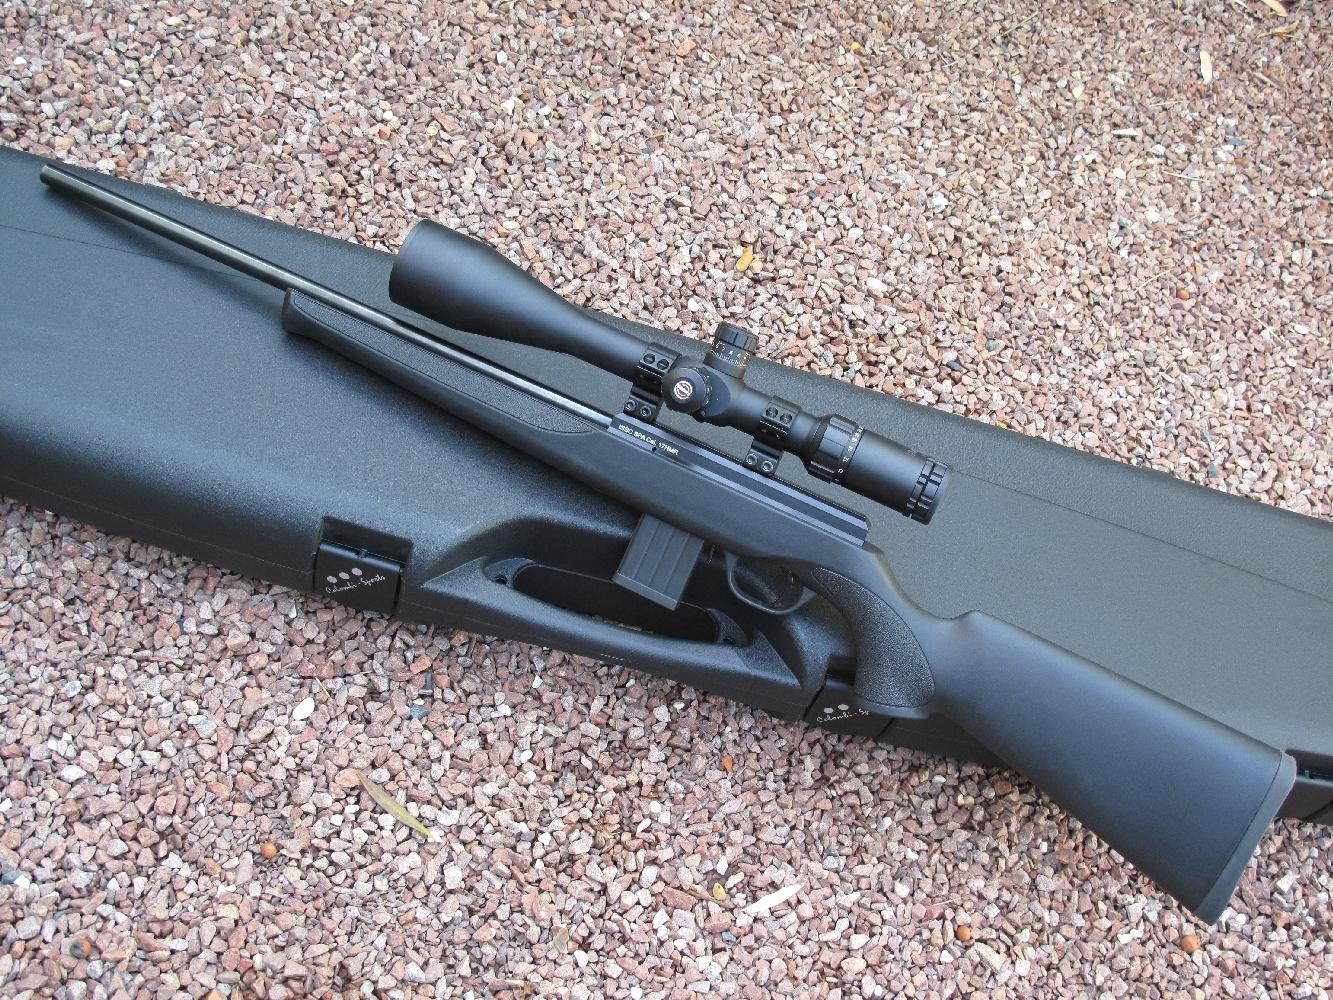 La carabine ISSC SPA est un modèle à percussion annulaire alimenté par un chargeur de 9 coups et actionné au moyen d'une culasse à mouvement linéaire.